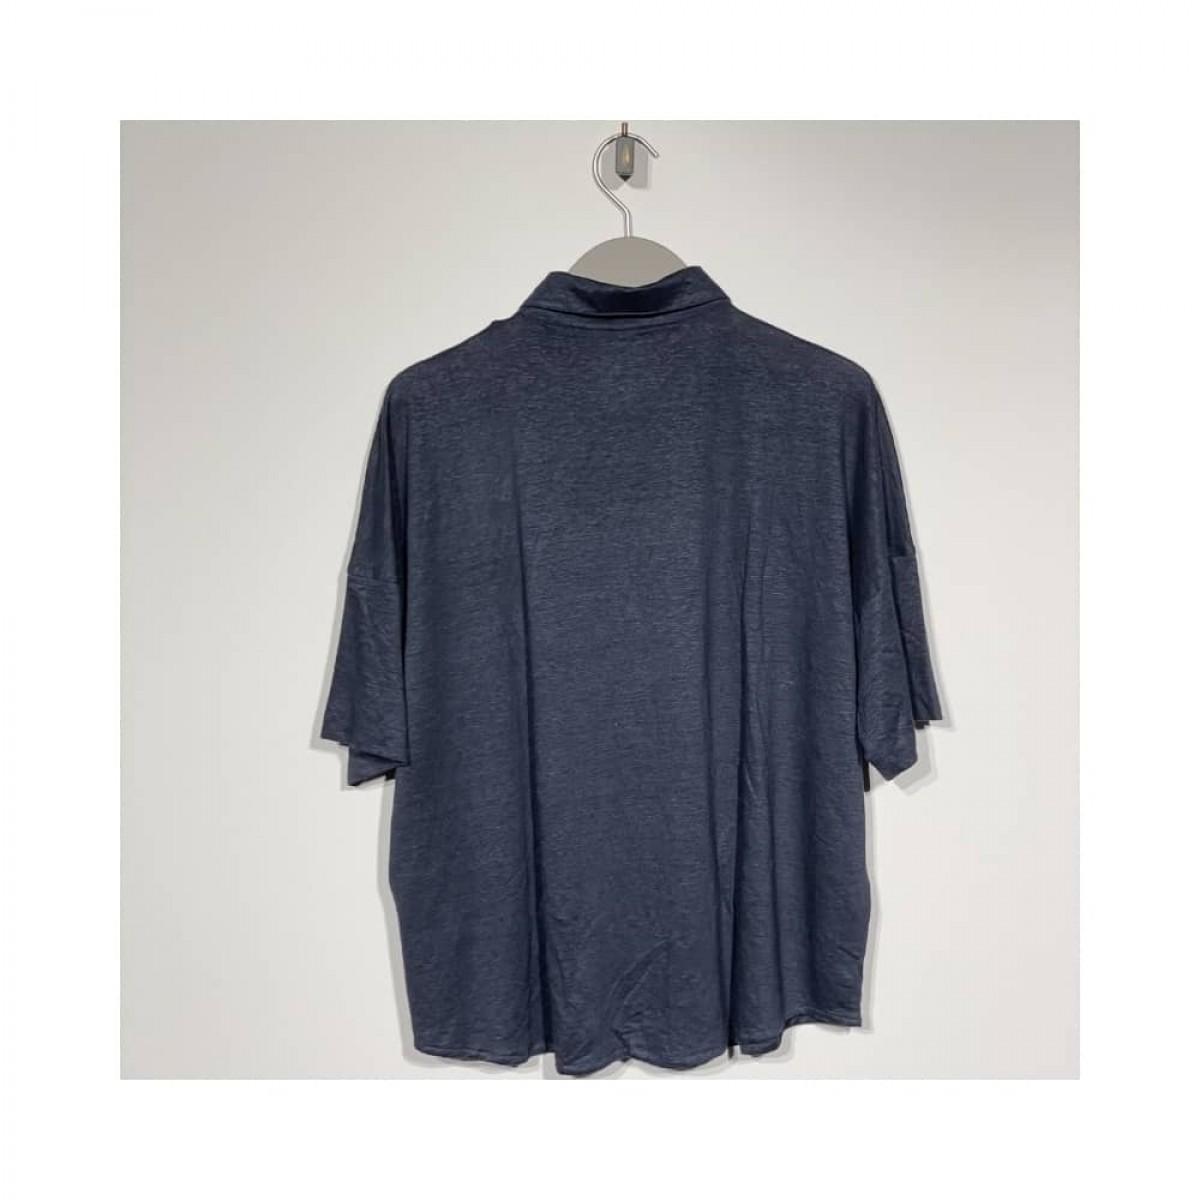 kort ærmet hør skjorte - marine - bag